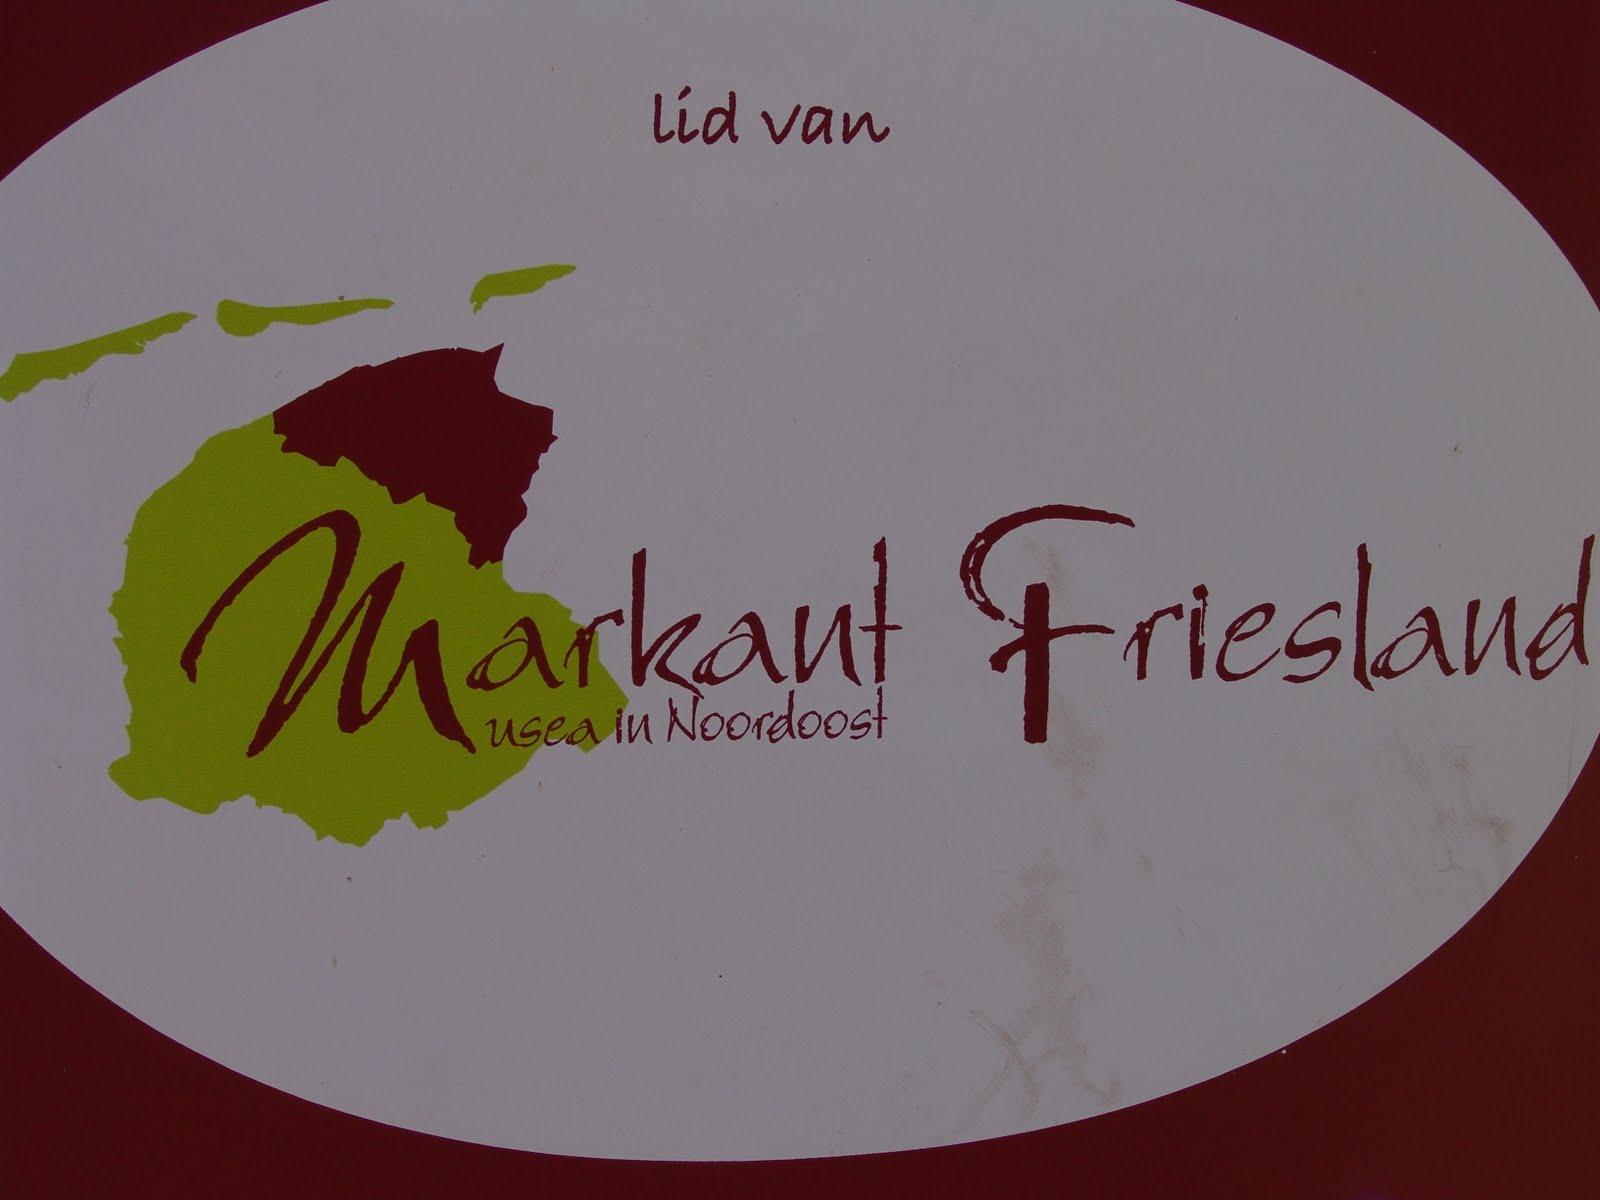 priveadressen friesland dames van plezier